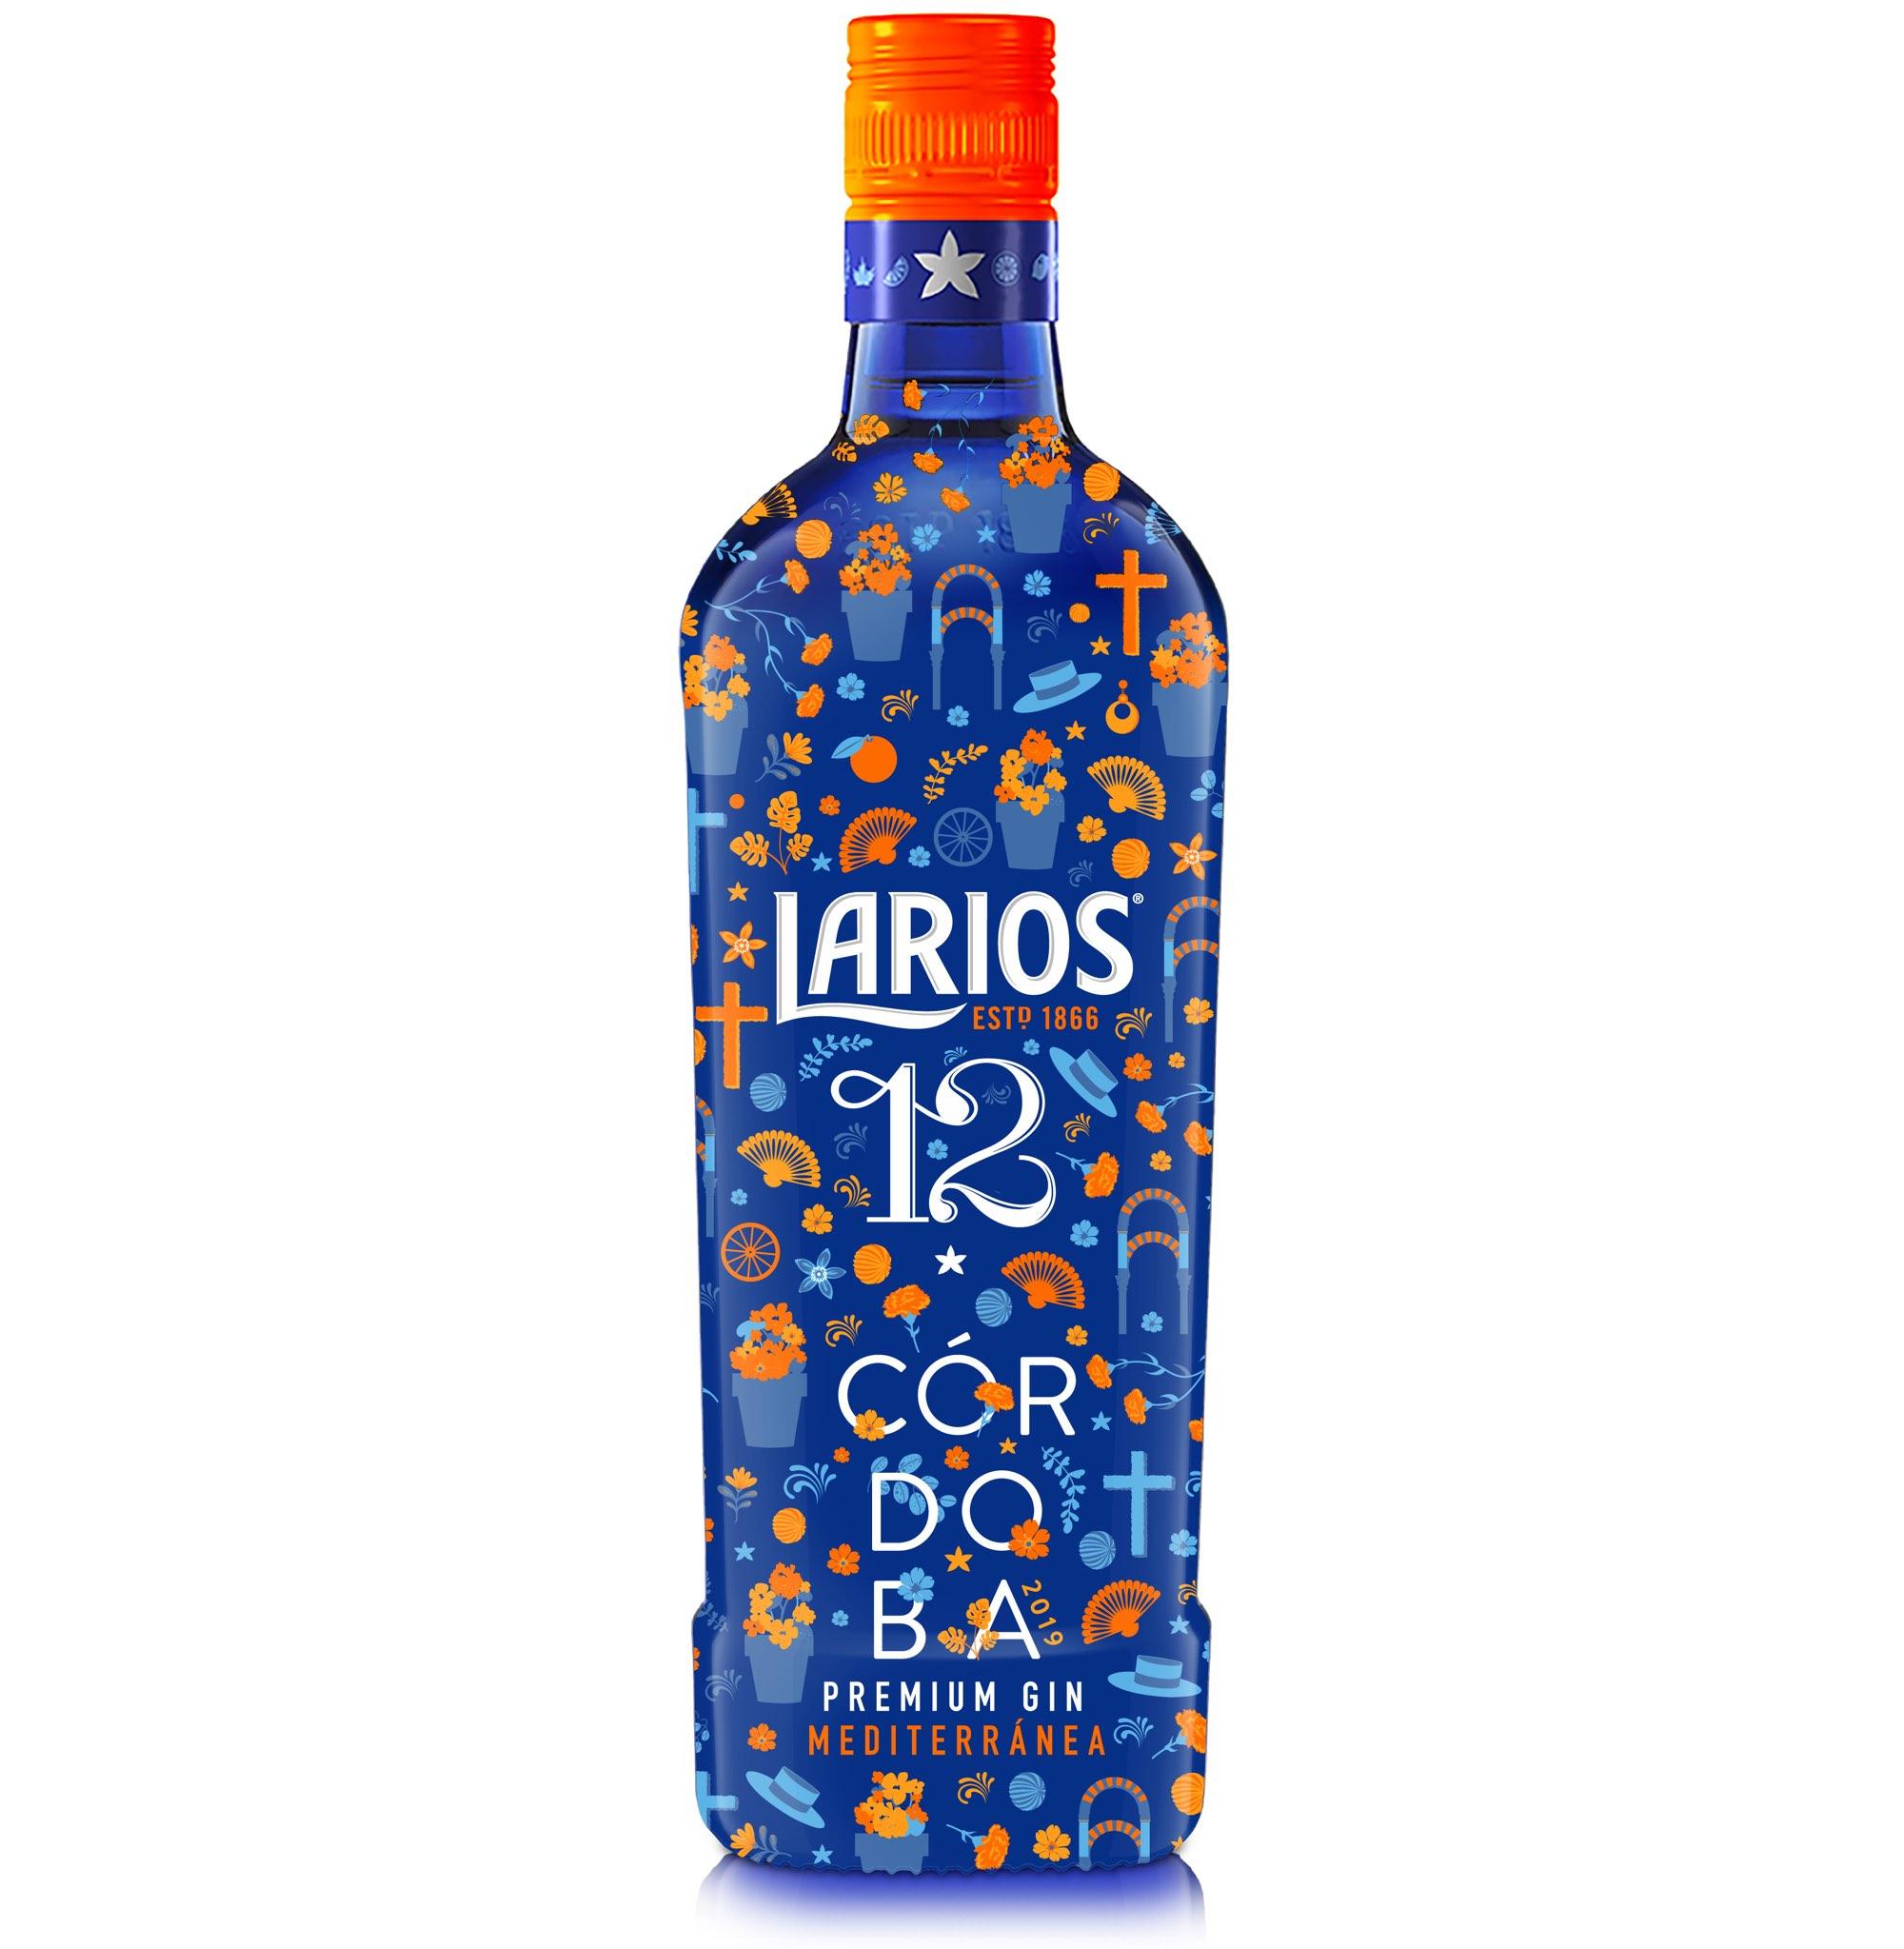 La esencia de la ciudad de Córdoba, sus fiestas y su gente protagonizan el nuevo diseño de Larios 12 para el mes de mayo. Una creación alegre y festiva que nos sumerge en el lifestyle mediterráneo y en la vida bien vivida. El aroma de las flores ya inunda la ciudad de Córdoba en su mes más destacado: el Mayo cordobés. Una fiesta alegre y llena de color en la que Larios se inspira para crear la nueva edición especial de su ginebra premium Larios 12. Los emblemáticos arcos de la Mezquita de Córdoba, las Cruces de mayo que reposan en las plazas o los geranios que adornan los patios andaluces salpican el estampado mediterráneo de esta edición tan especial. Una creación en tonos azules y naranjas que fusiona la iconografía de la ciudad de las tres culturas, la herencia mediterránea de la marca y los ingredientes de esta ginebra suave y delicada, como los cítricos y la flor de azahar. Los elementos festivos del Mayo Cordobés comparten protagonismo con otros símbolos del folclore andaluz como son los carros de caballos y los sombreros cordobeses. Pero, también, los pendientes y los abanicos que acompañan el traje de flamenca, complementos que llevan las cordobesas durante la Feria y que ahora también visten a nuestra botella. Un diseño desenfadado que evoca el Espíritu Mediterráneo de Larios y que comparte el estilo de vida de los andaluces. Un mes en el que disfrutar de los pequeños placeres, de reír y compartir momentos en buena compañía y, sobre todo, romper con la rutina del día a día. Por eso, Larios 12, con su distintivo toque a azahar, rinde homenaje al esplendor de esta fiesta y nos recuerda que sabemos vivir bien. La edición especial de Larios 12 para el Mayo Cordobés podrá adquirirse en los puntos de venta habituales de la provincia.